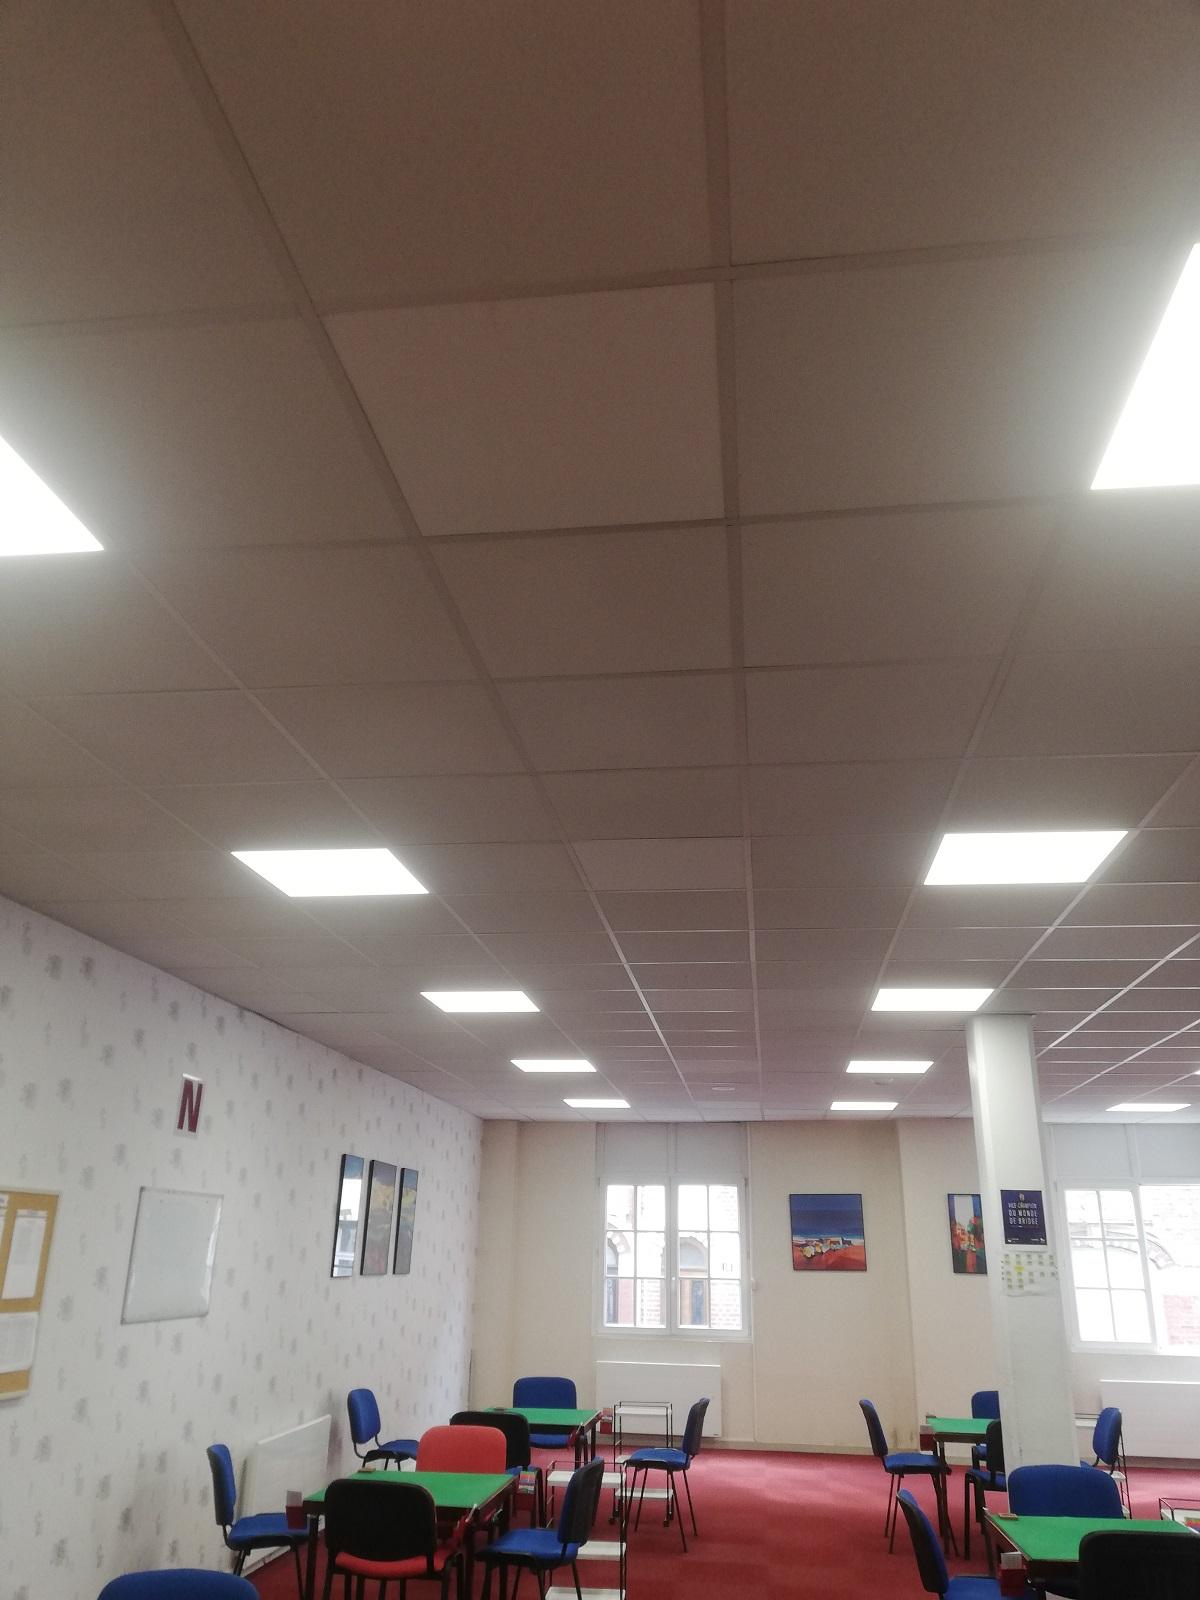 Eclairage et radiateurs ont aussi été changés !